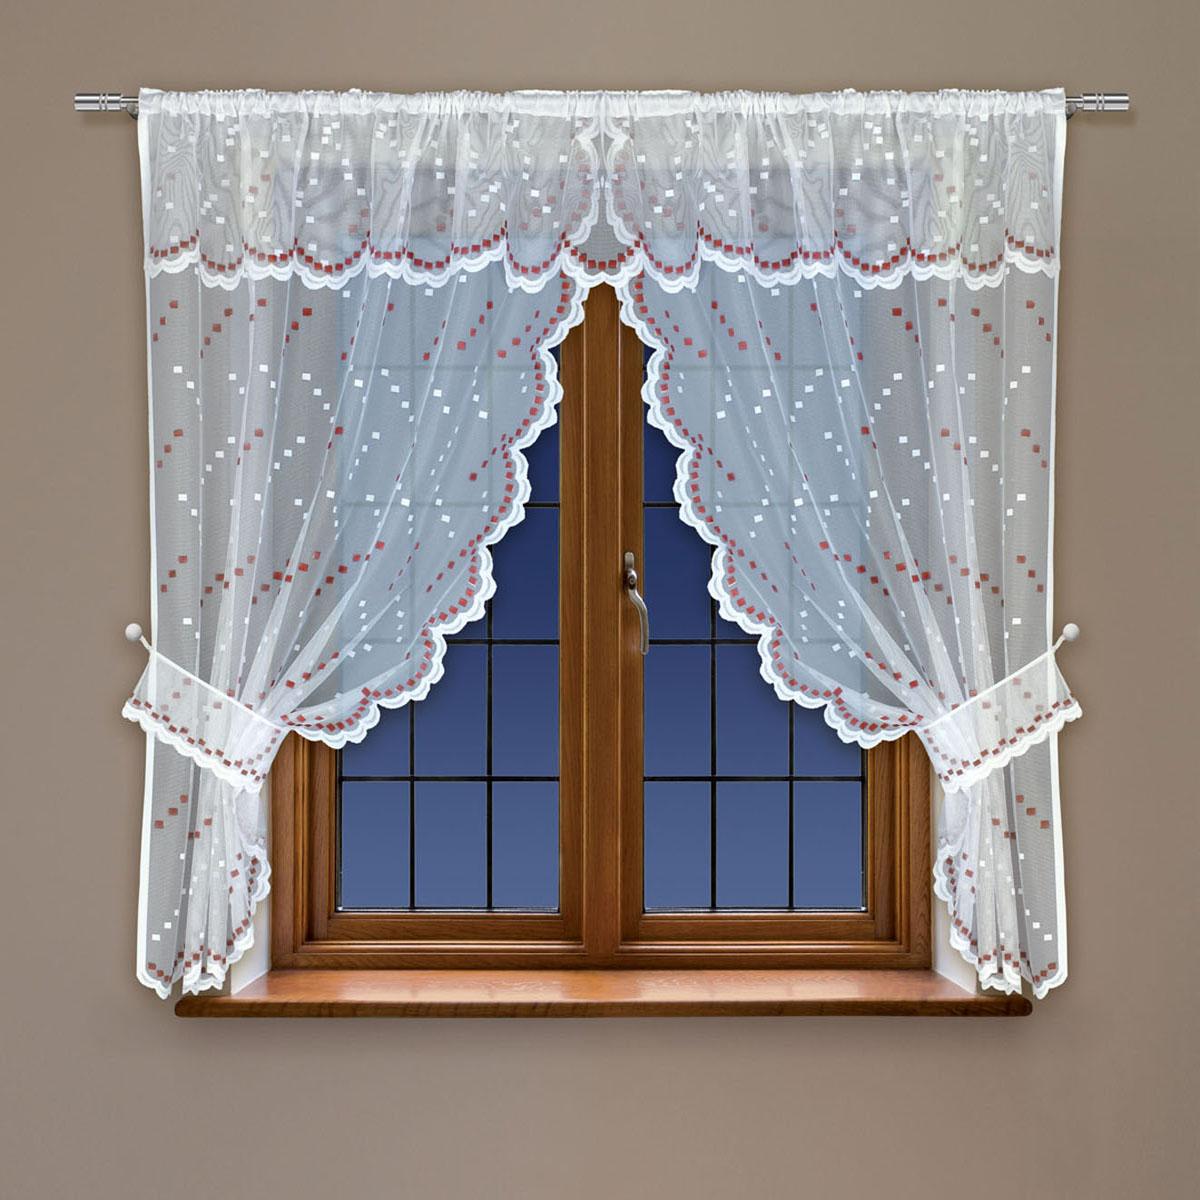 Гардина Haft, на кулиске, цвет: белый, красный, высота 122 см. 228410S03301004Воздушная гардина Haft, выполненная из полиэстера, великолепно украсит любое окно.Изделие имеет оригинальный дизайн и органично впишется в интерьер помещения.Гардина крепится на карниз при помощи кулиски.